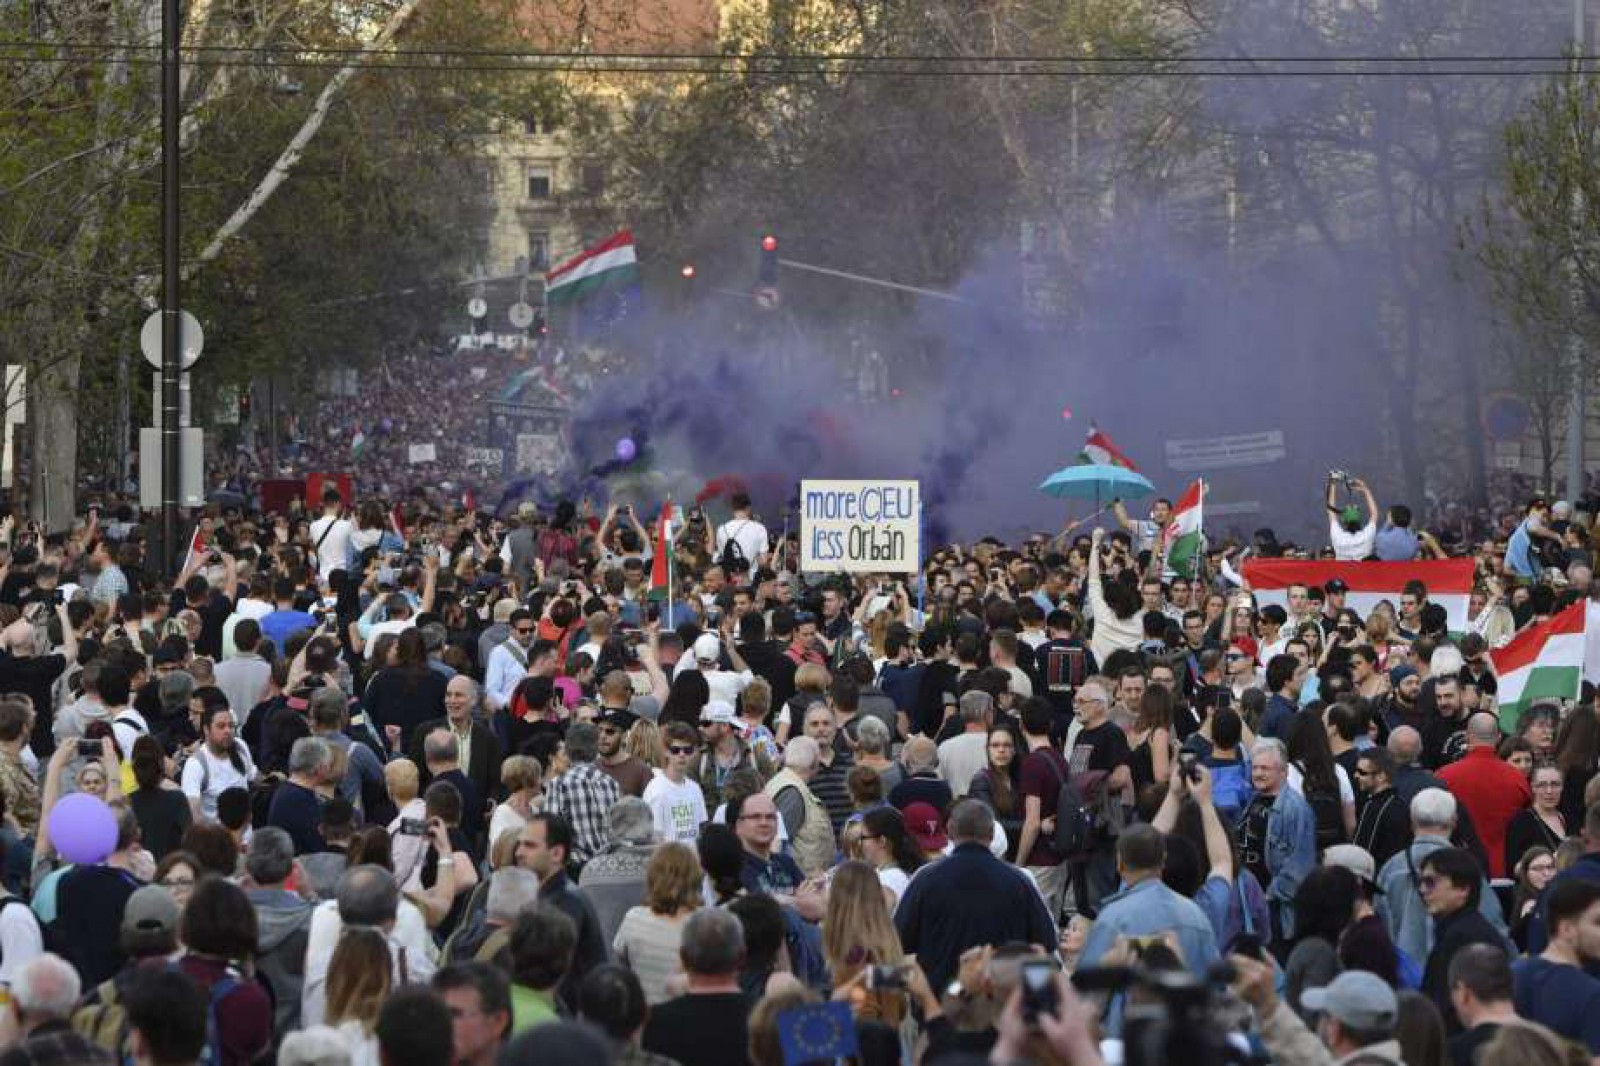 Ungaria: Zeci de mii de manifestanţi au cerut renumărarea voturilor și modificarea sistemului electoral